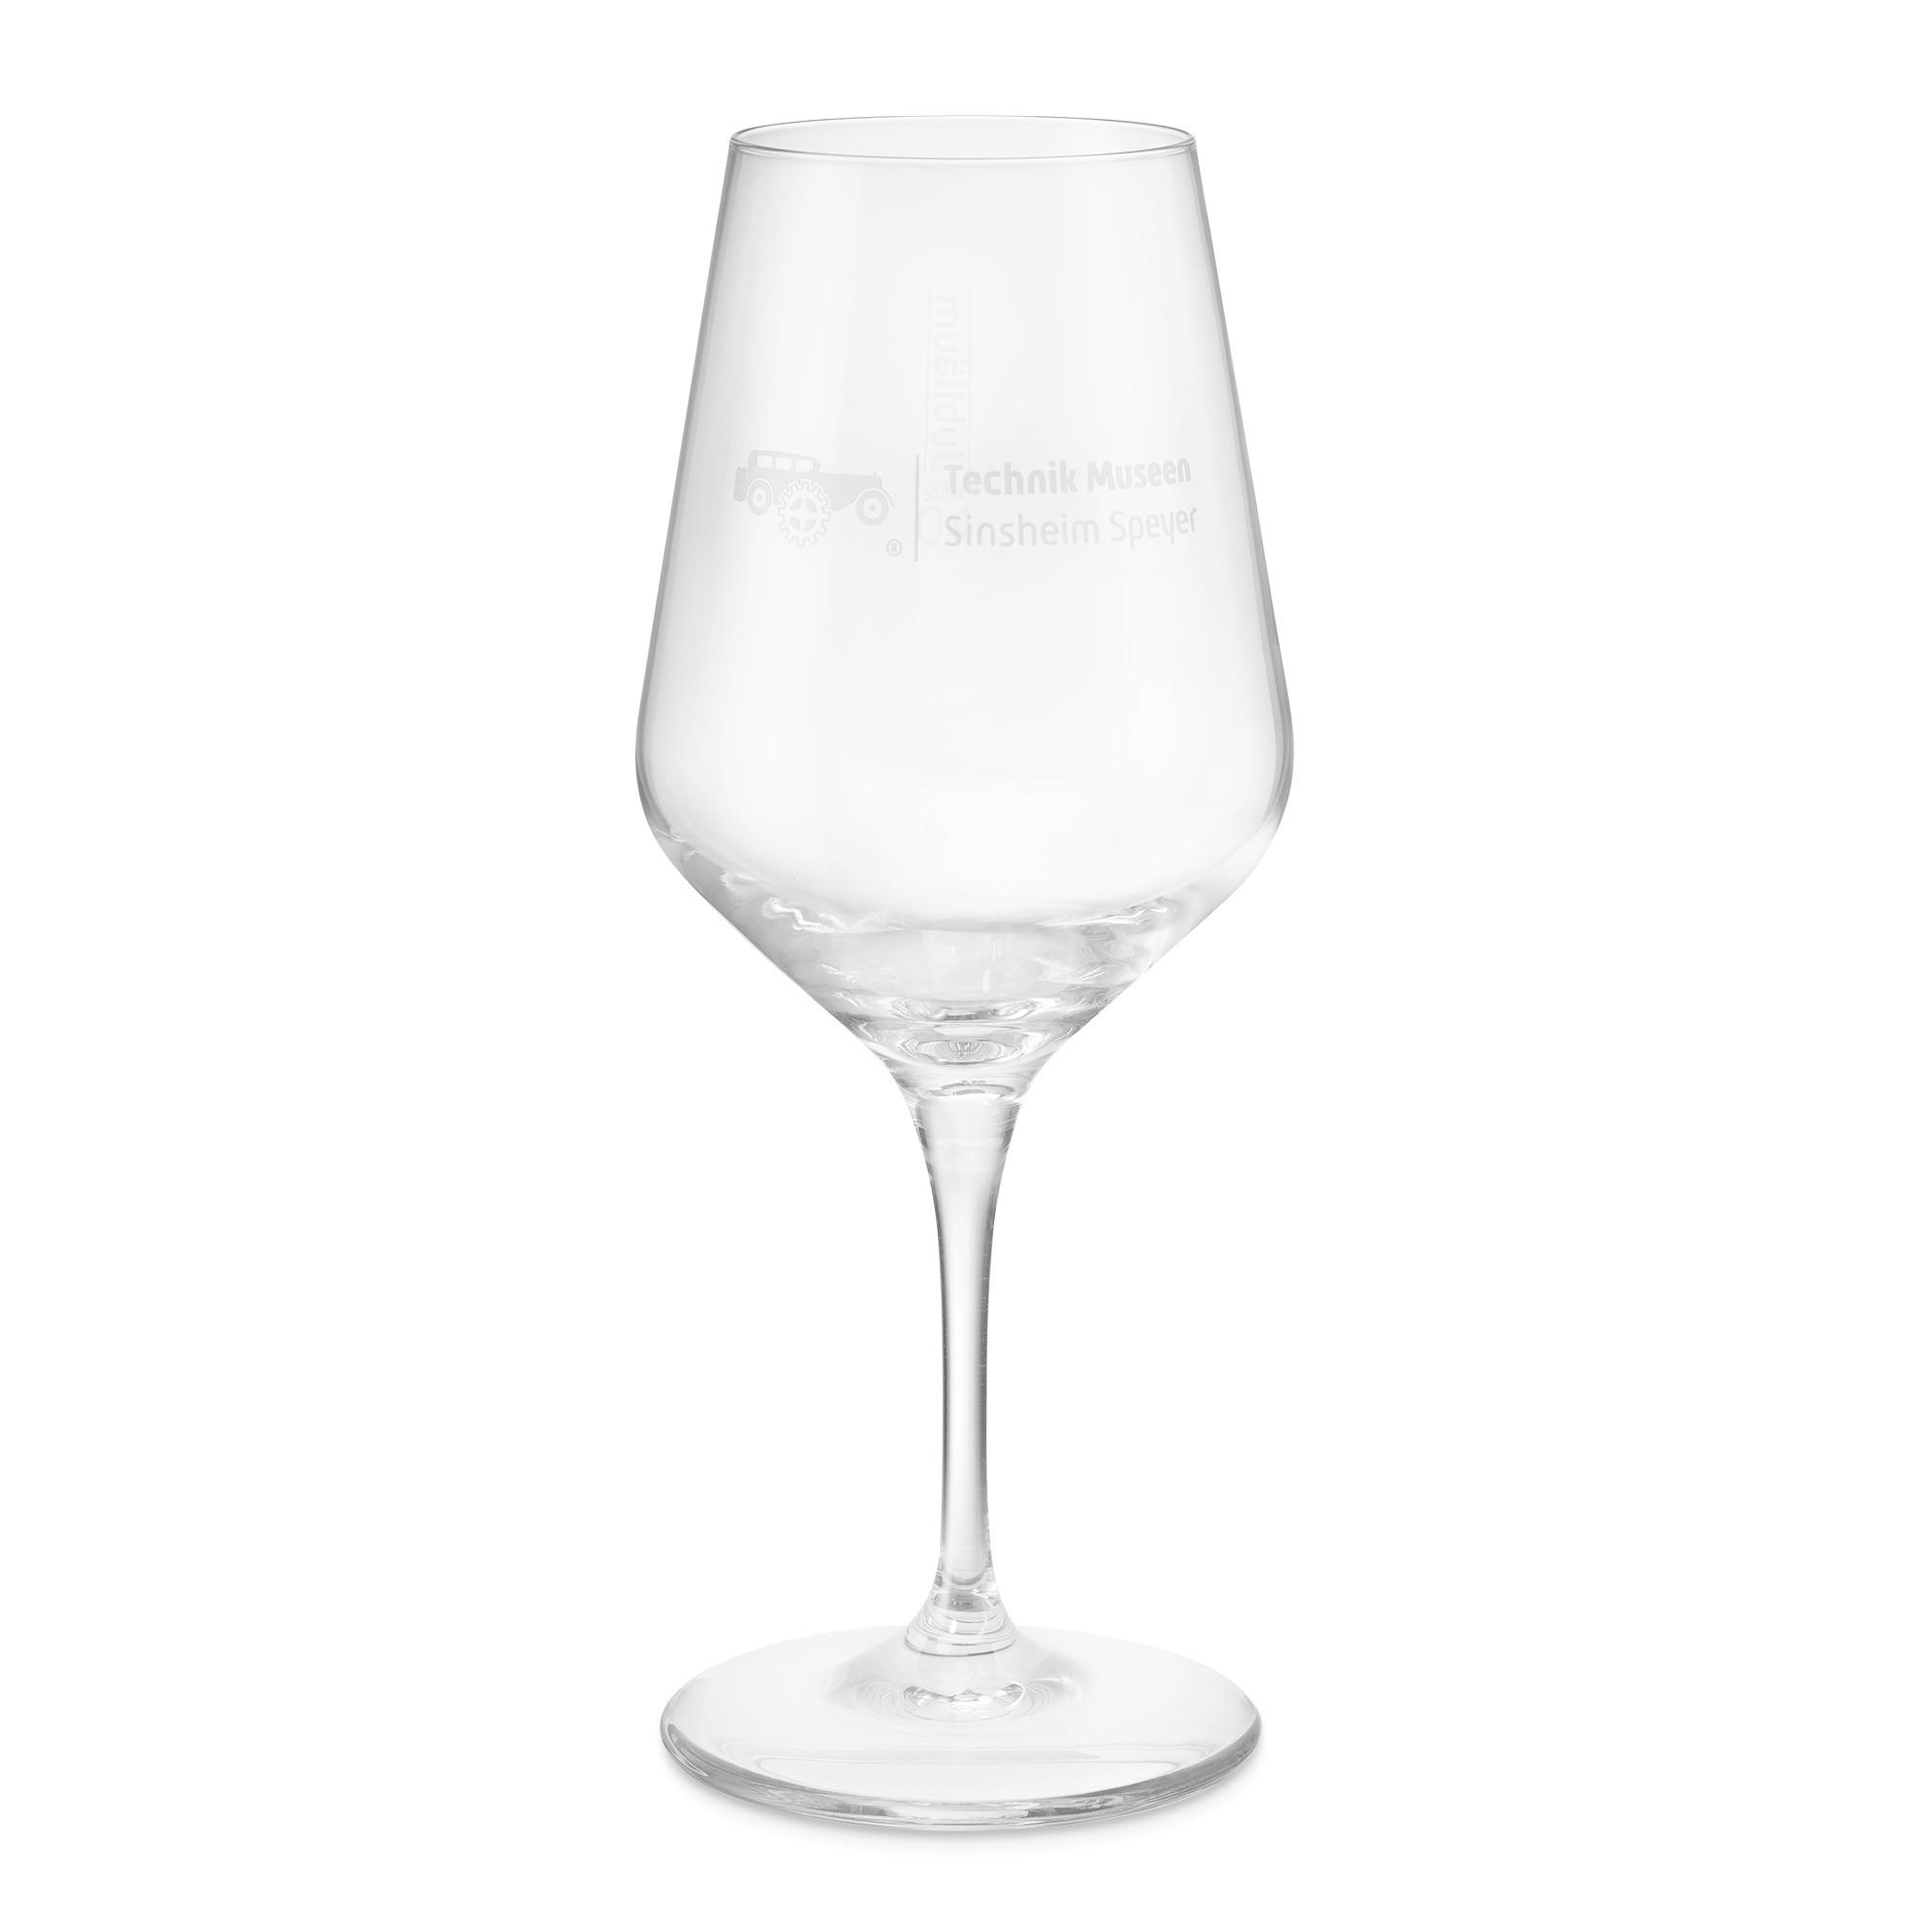 Weinglas zum Jubiläum - 40 Jahre Museen Sinsheim Speyer